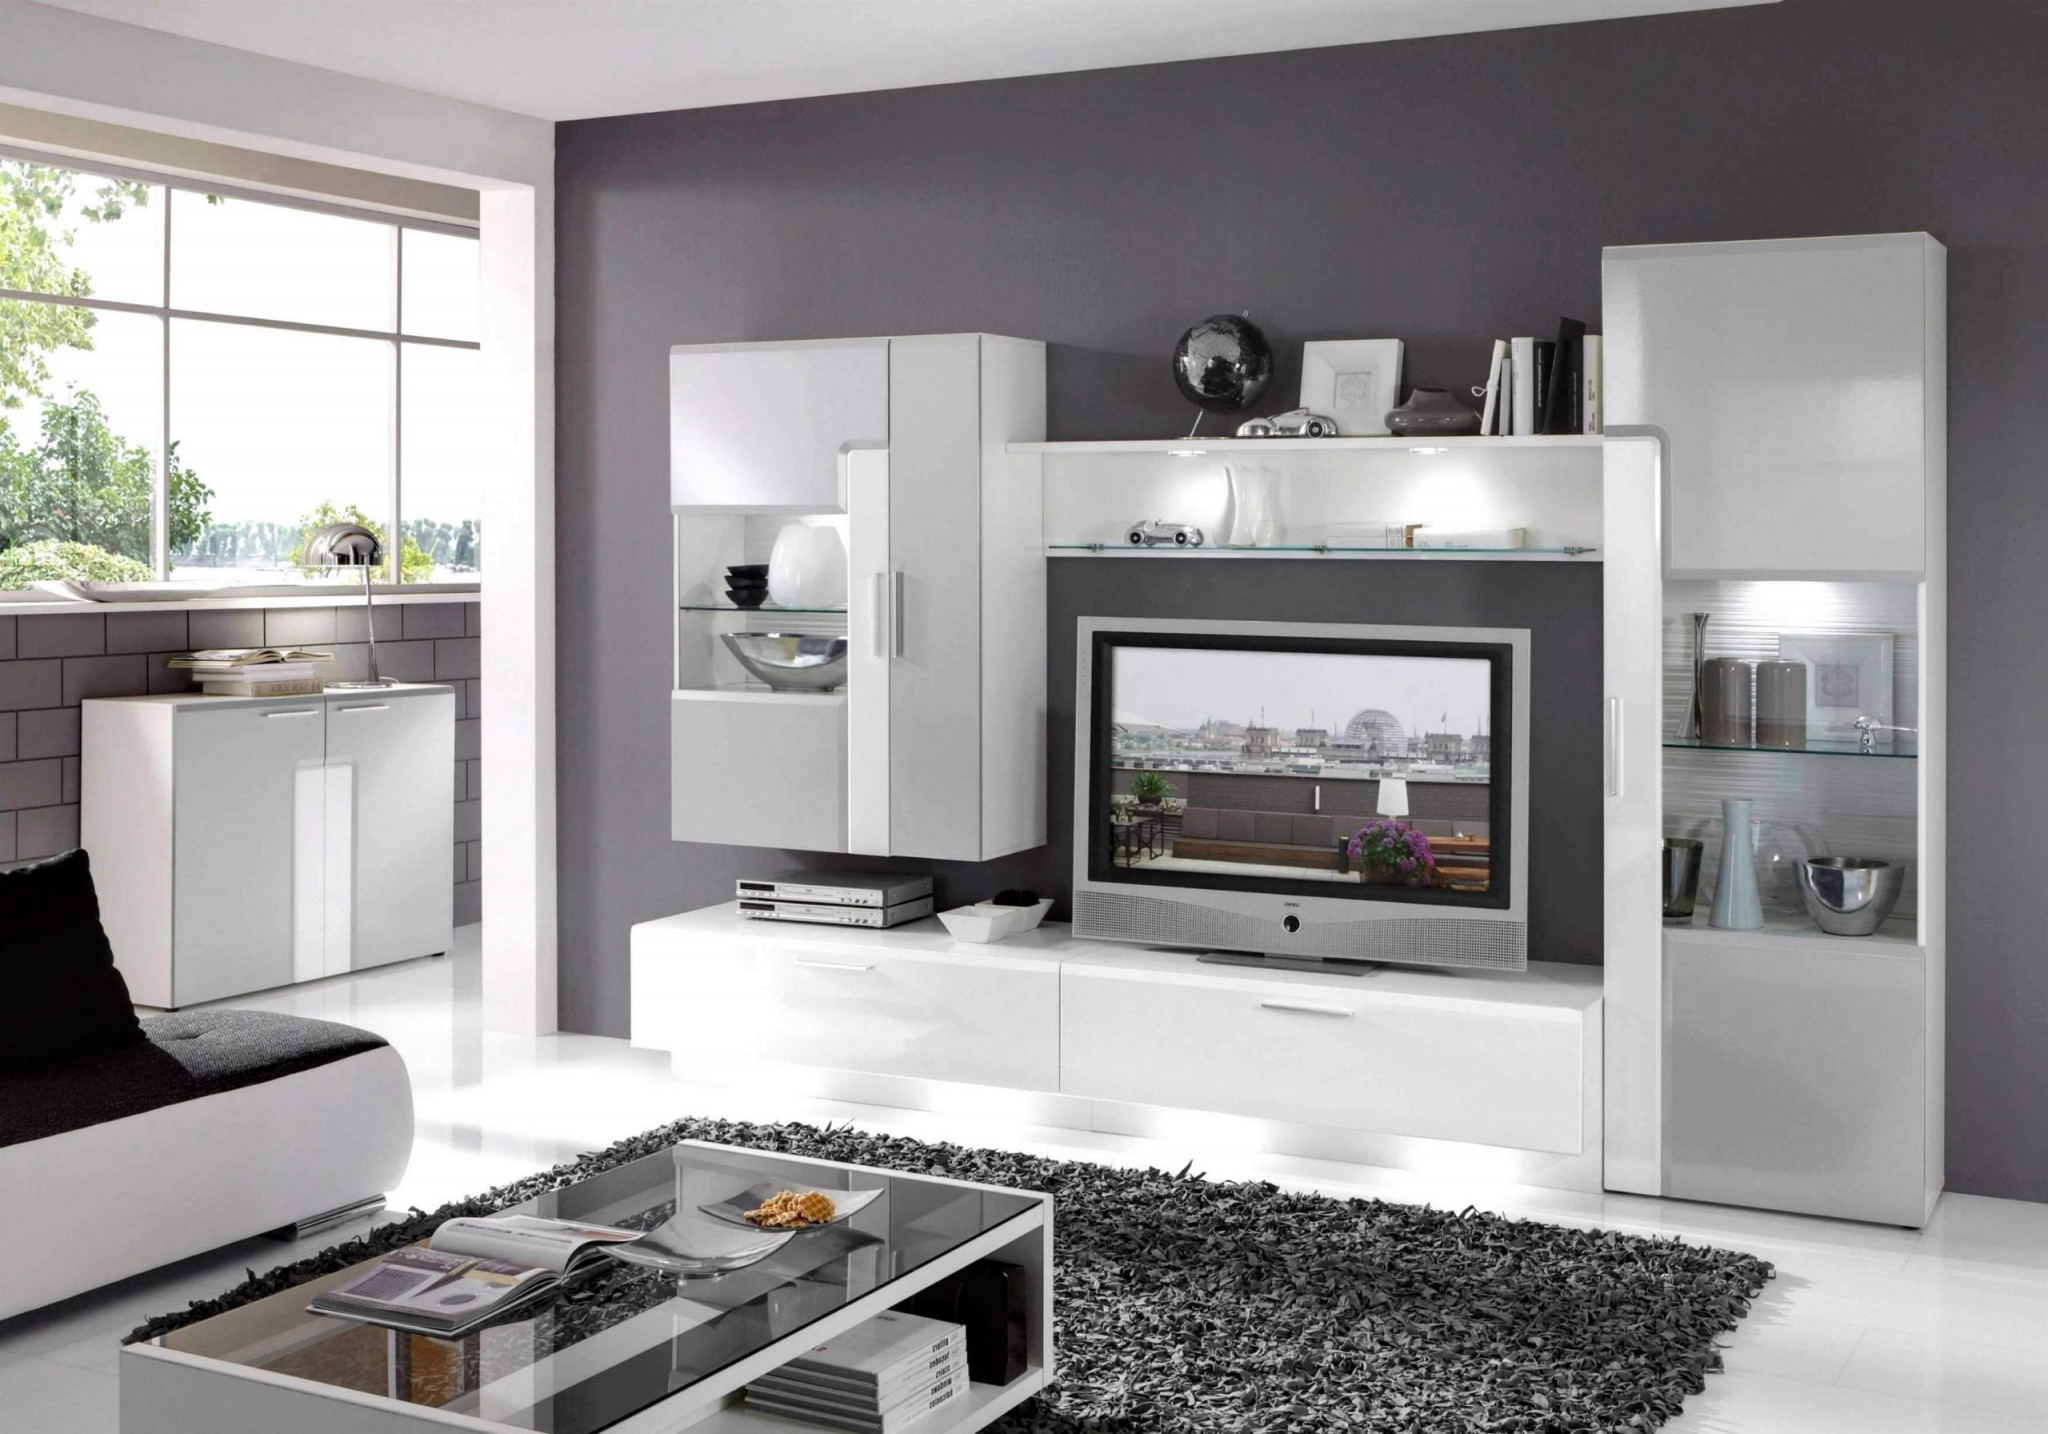 Wohnzimmer Gestalten Grau Das Beste Von 40 Einzigartig Von von Wohnzimmer Grau Gestalten Bild